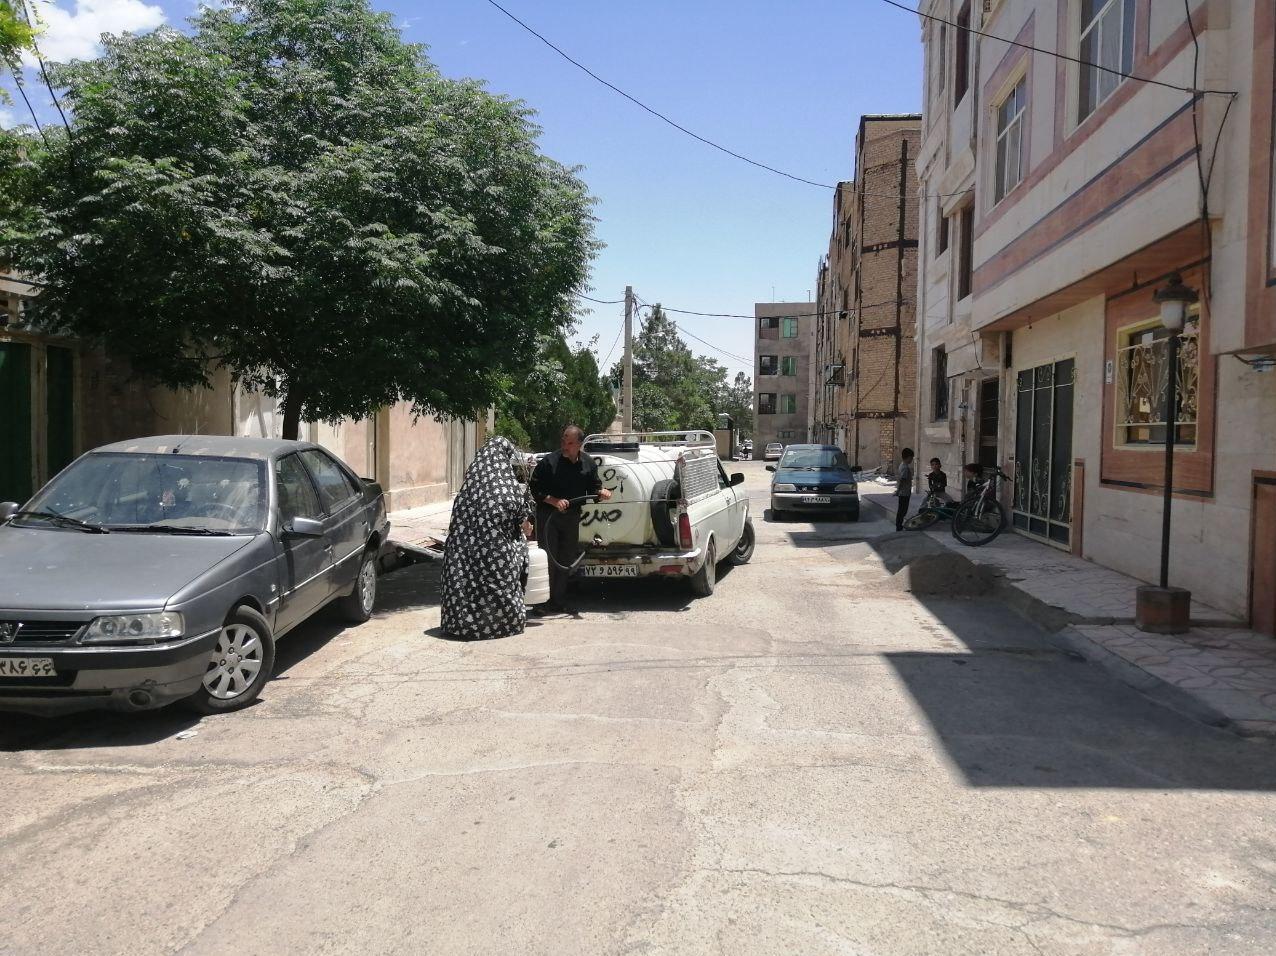 اینجا غیزانیه نیست؛ مردم دبه به دوش د ر۲۰  کیلومتری تهران